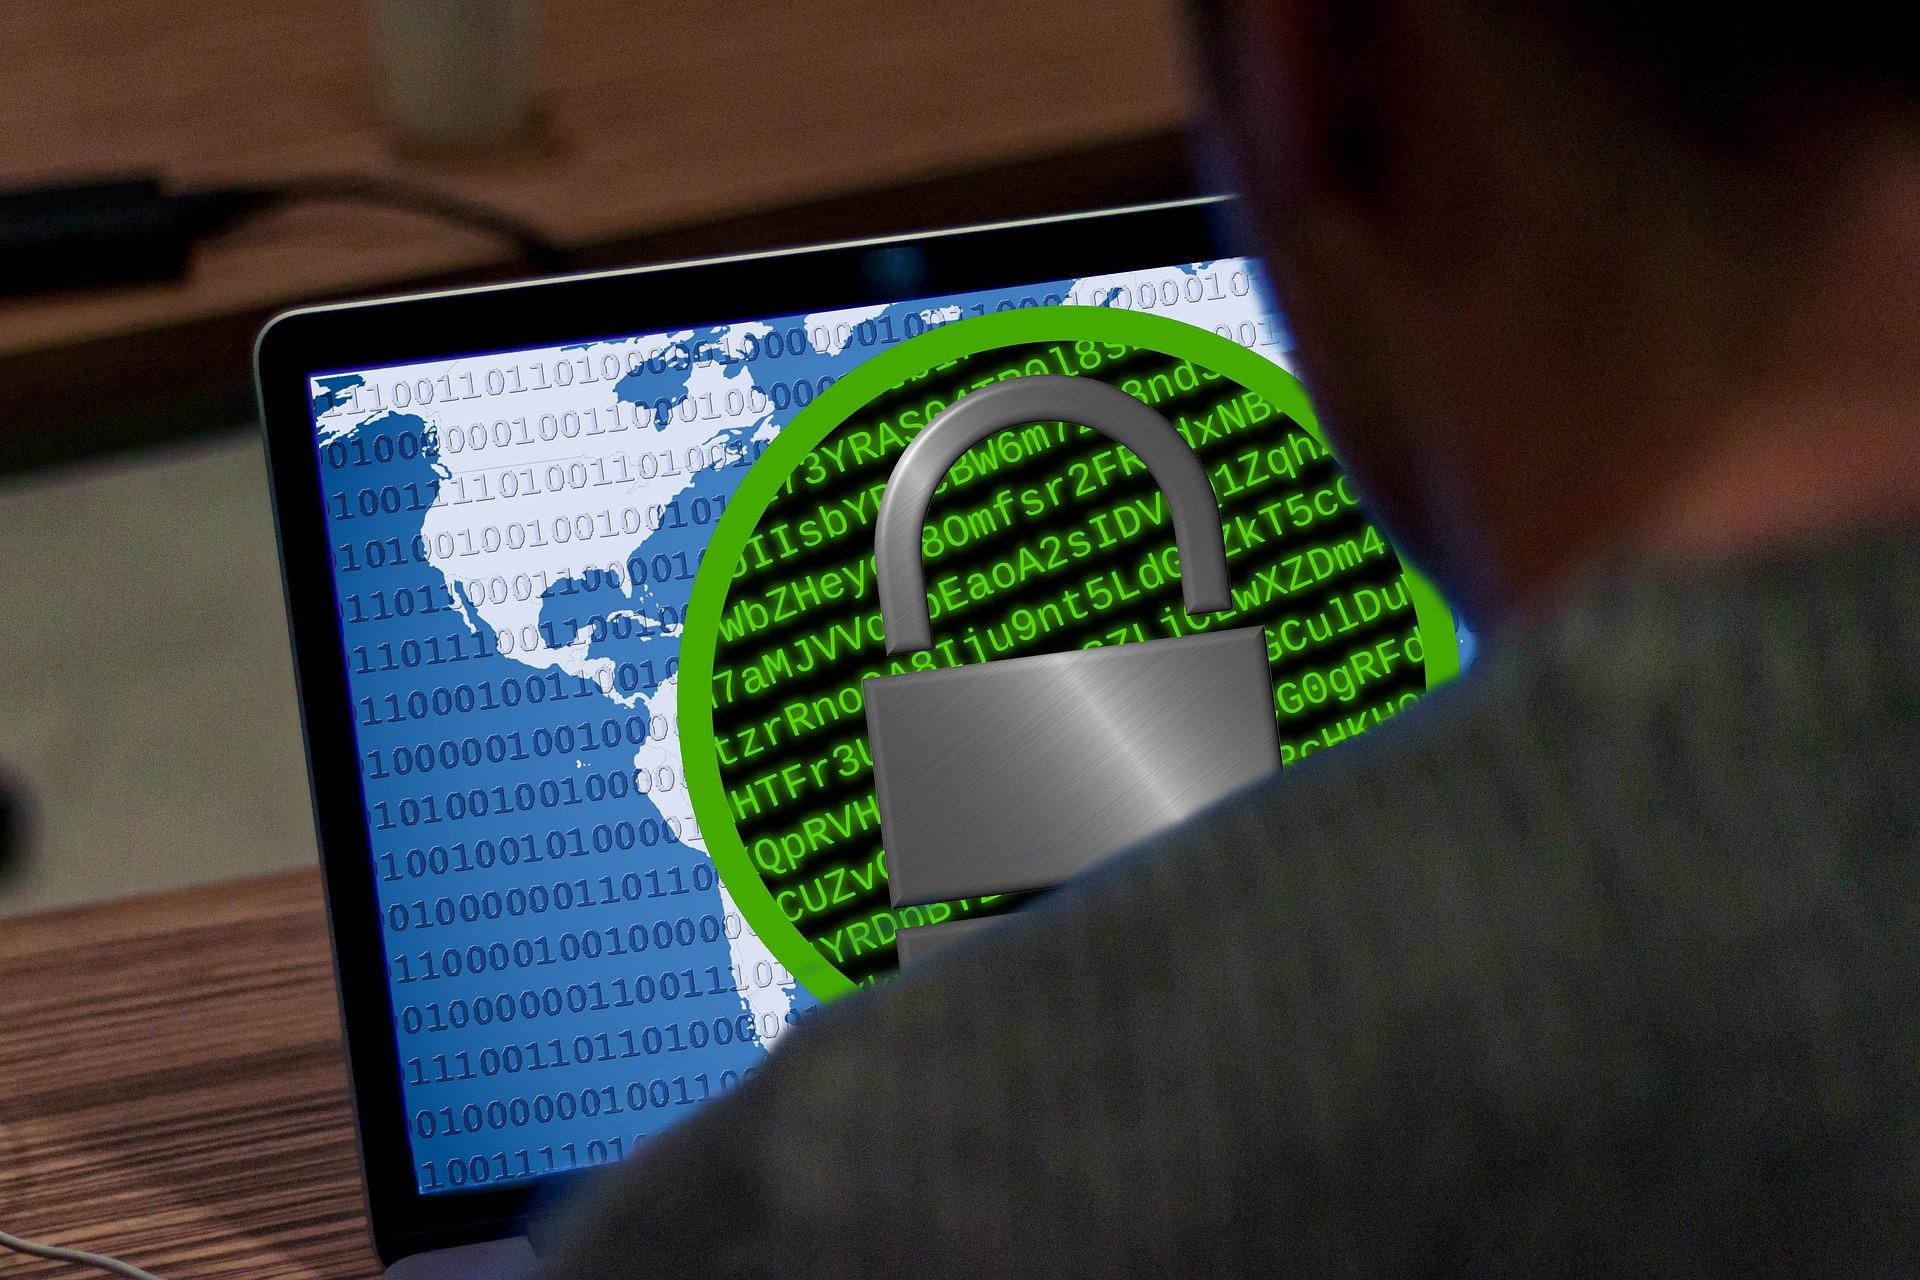 Los ataques de ransomware subieron un 400% en 2017 por culpa de WannaCry